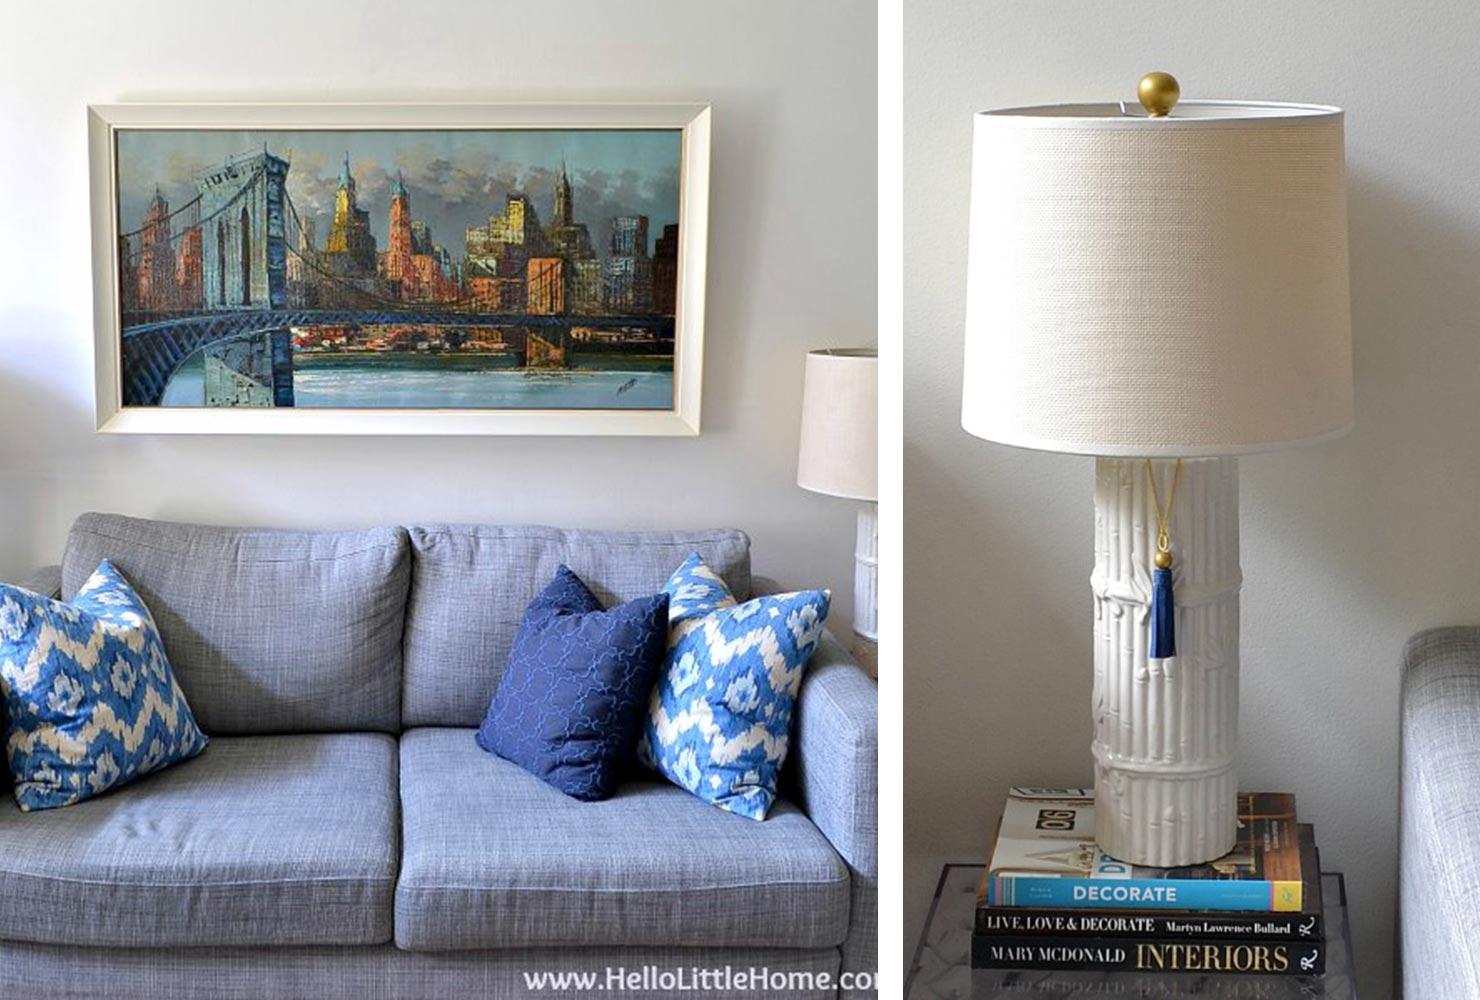 Lampes de canapé bleues